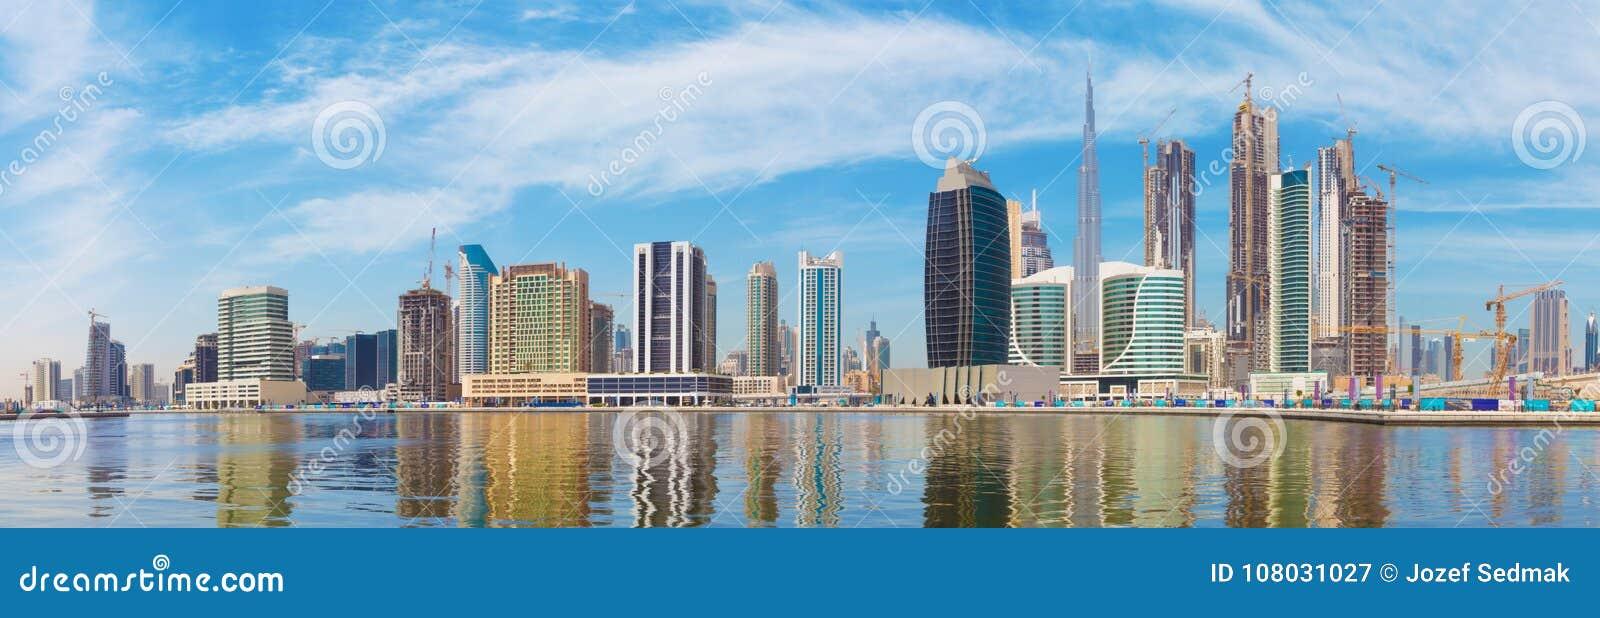 Dubaj - panorama z nowymi drapaczami chmur śródmieście i kanałem